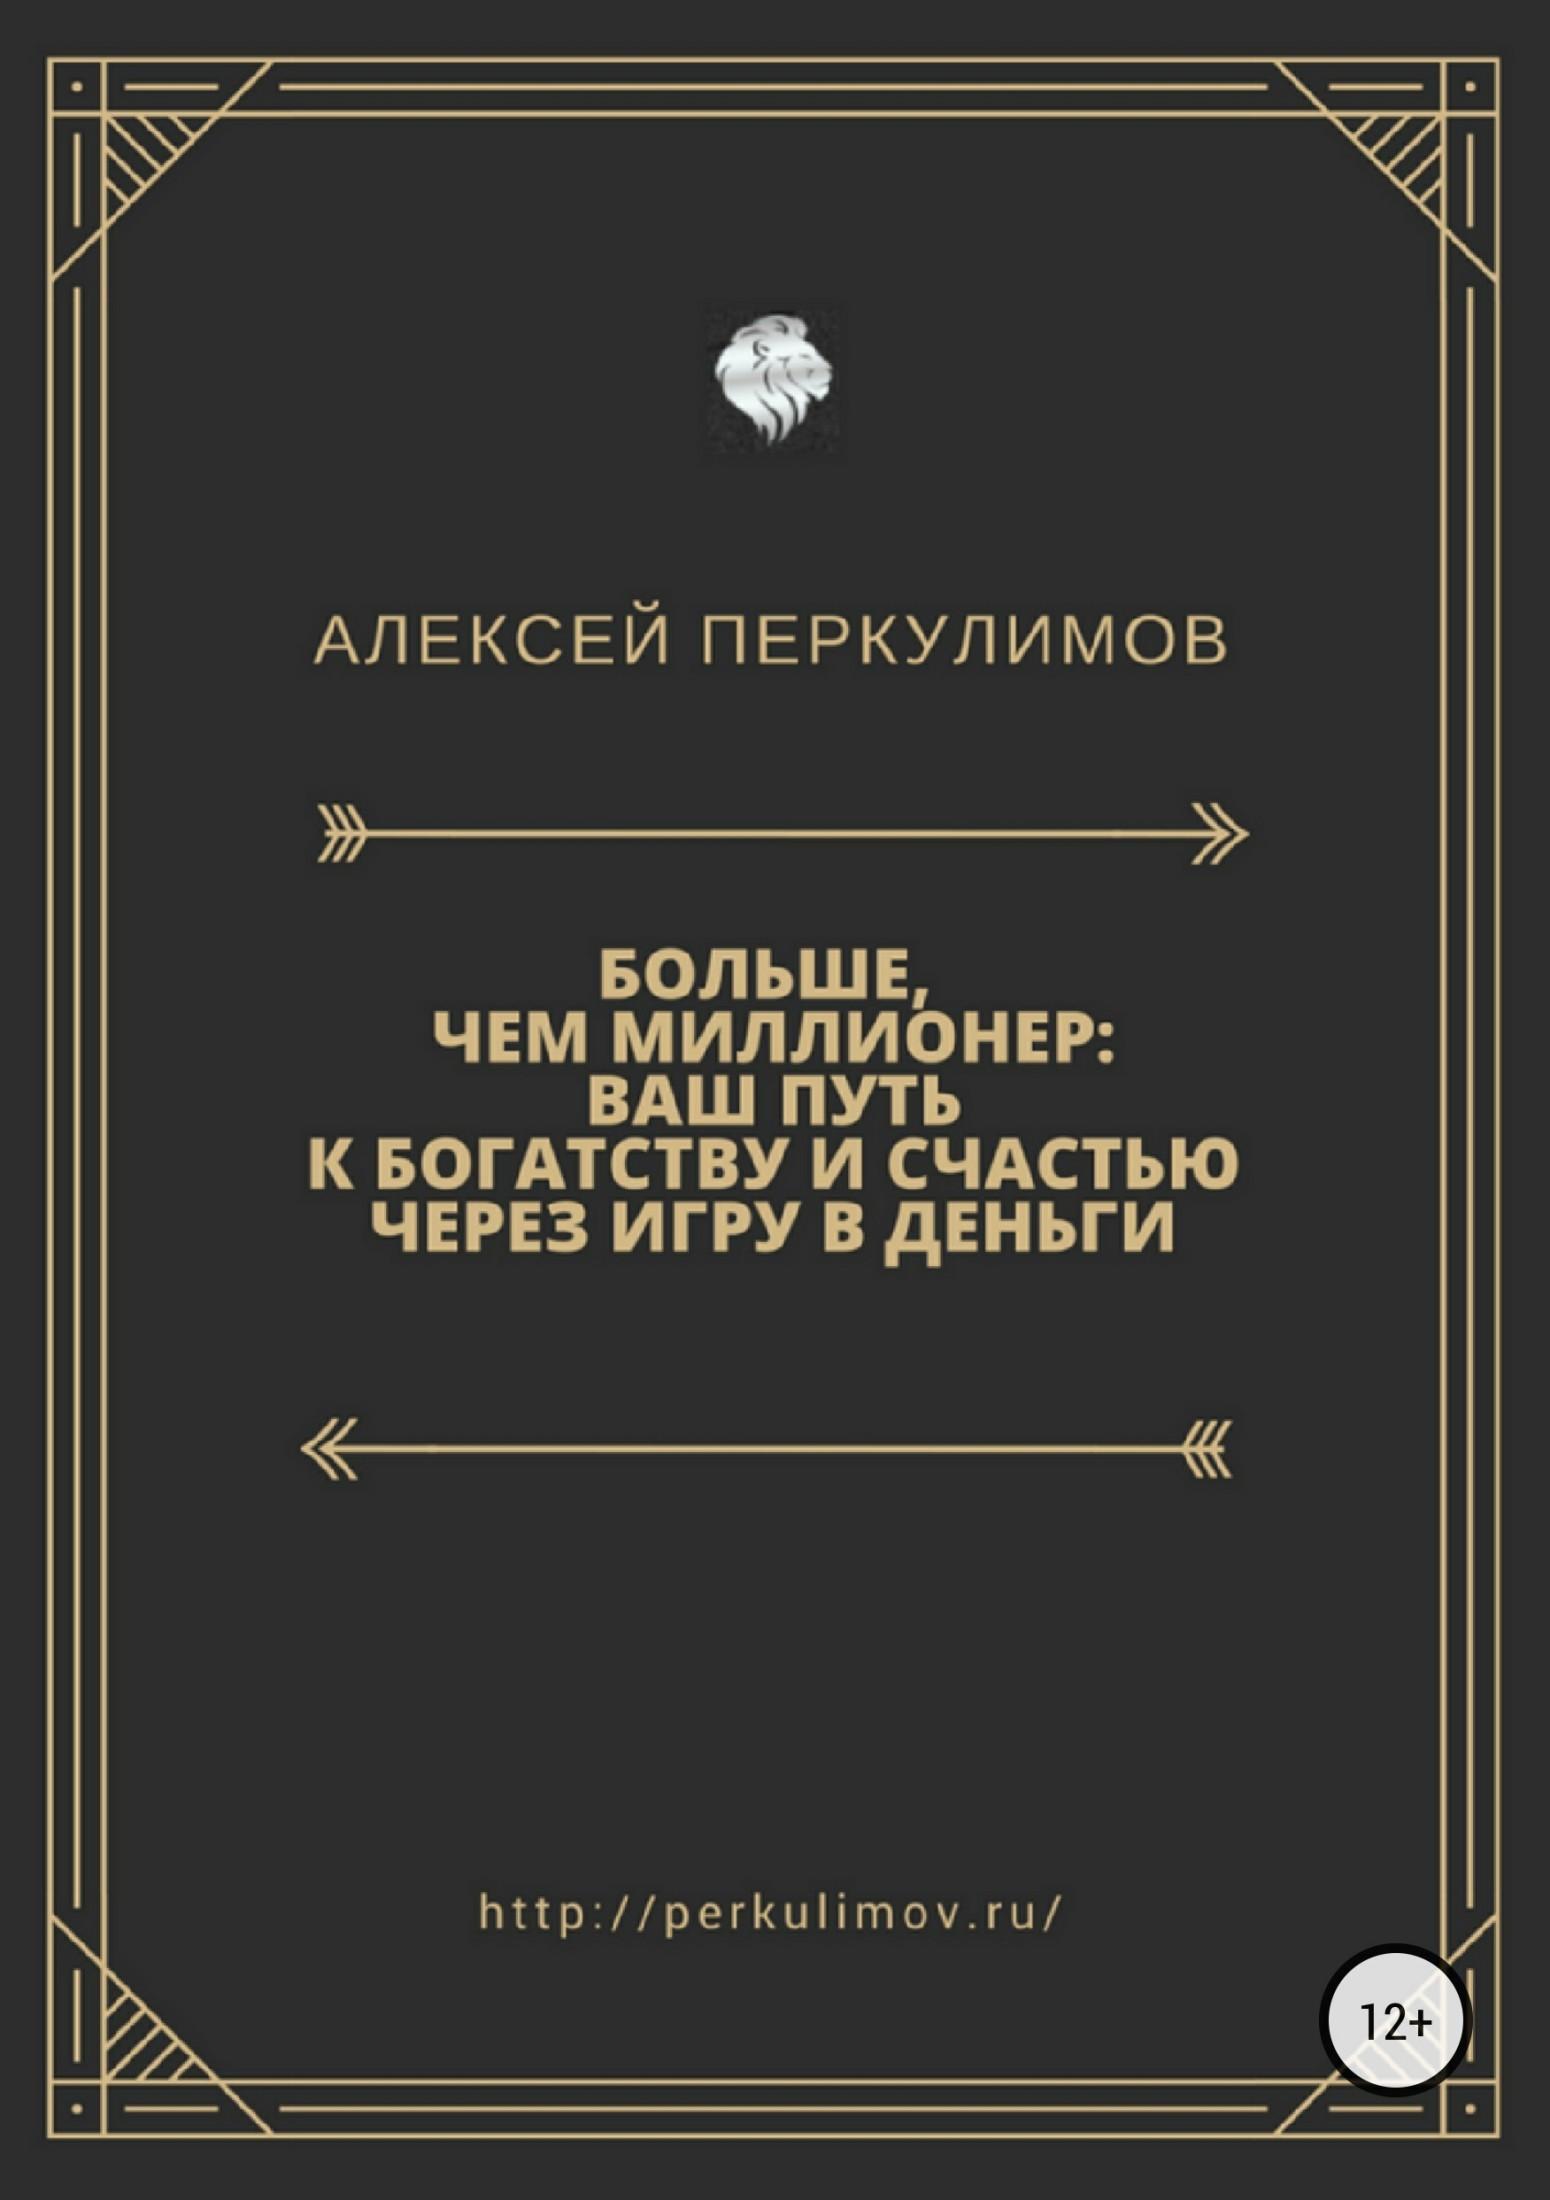 Обложка книги Больше, чем миллионер: ваш путь к богатству и счастью через игру в деньги